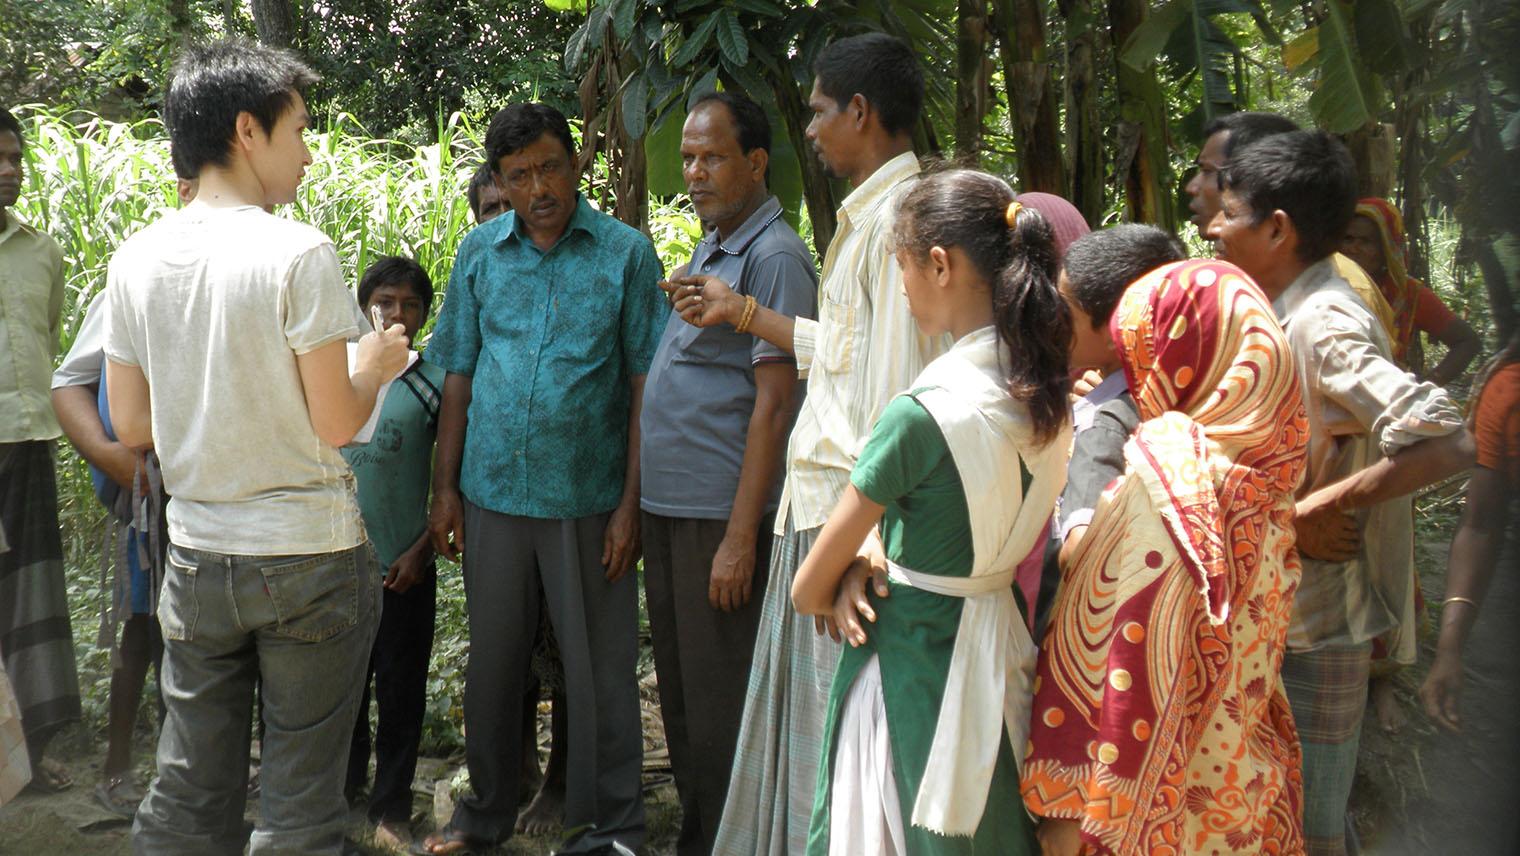 バングラデシュにてプロジェクトに携わっていた際の様子(写真左が村木さん)